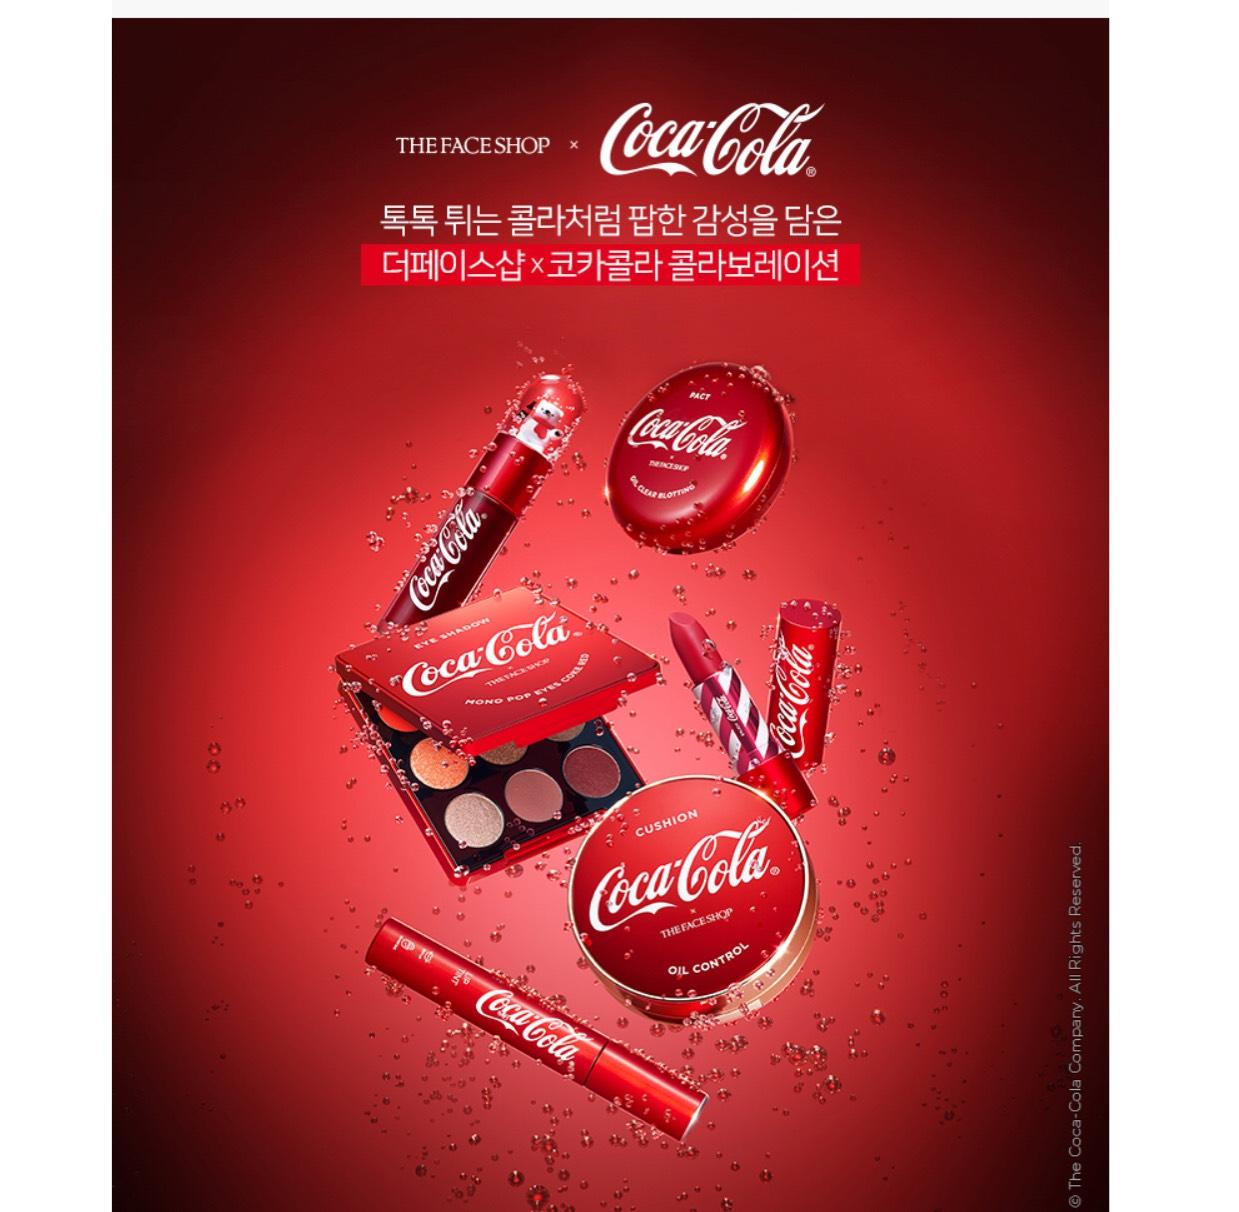 【コカ・コーラ とコラボ】韓国コスメ♡THE FACE SHOP 新作